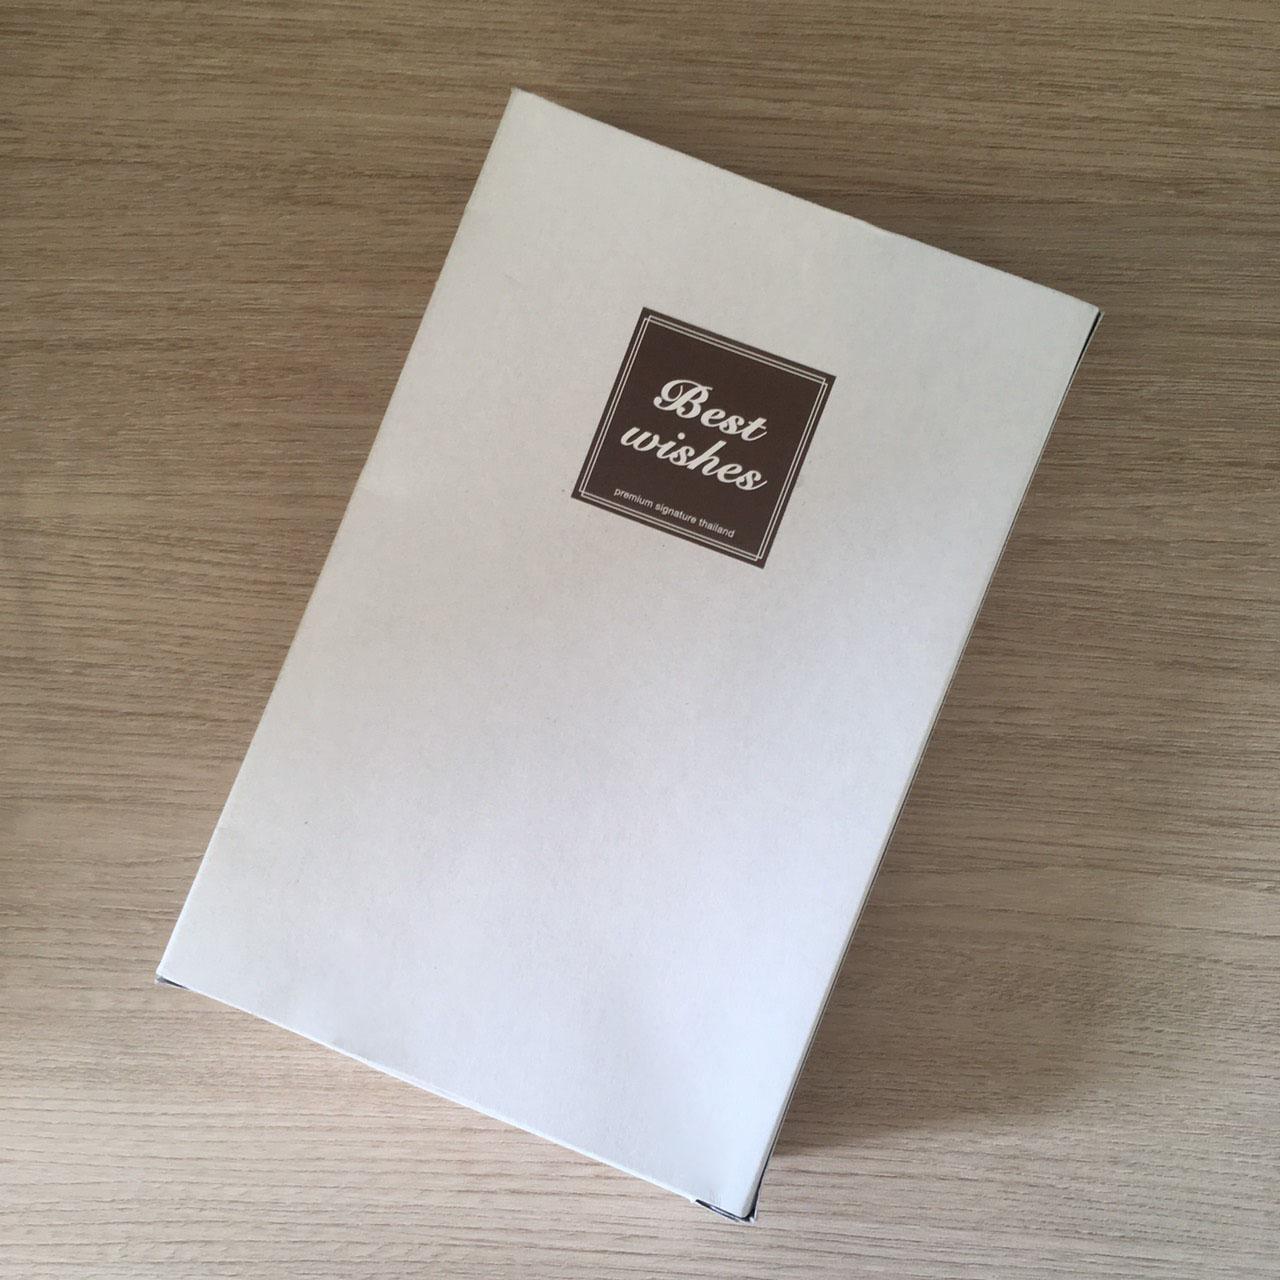 กล่อง Best Wishes ขนาดใหญ่ - สำหรับสมุดออแกไนเซอร์